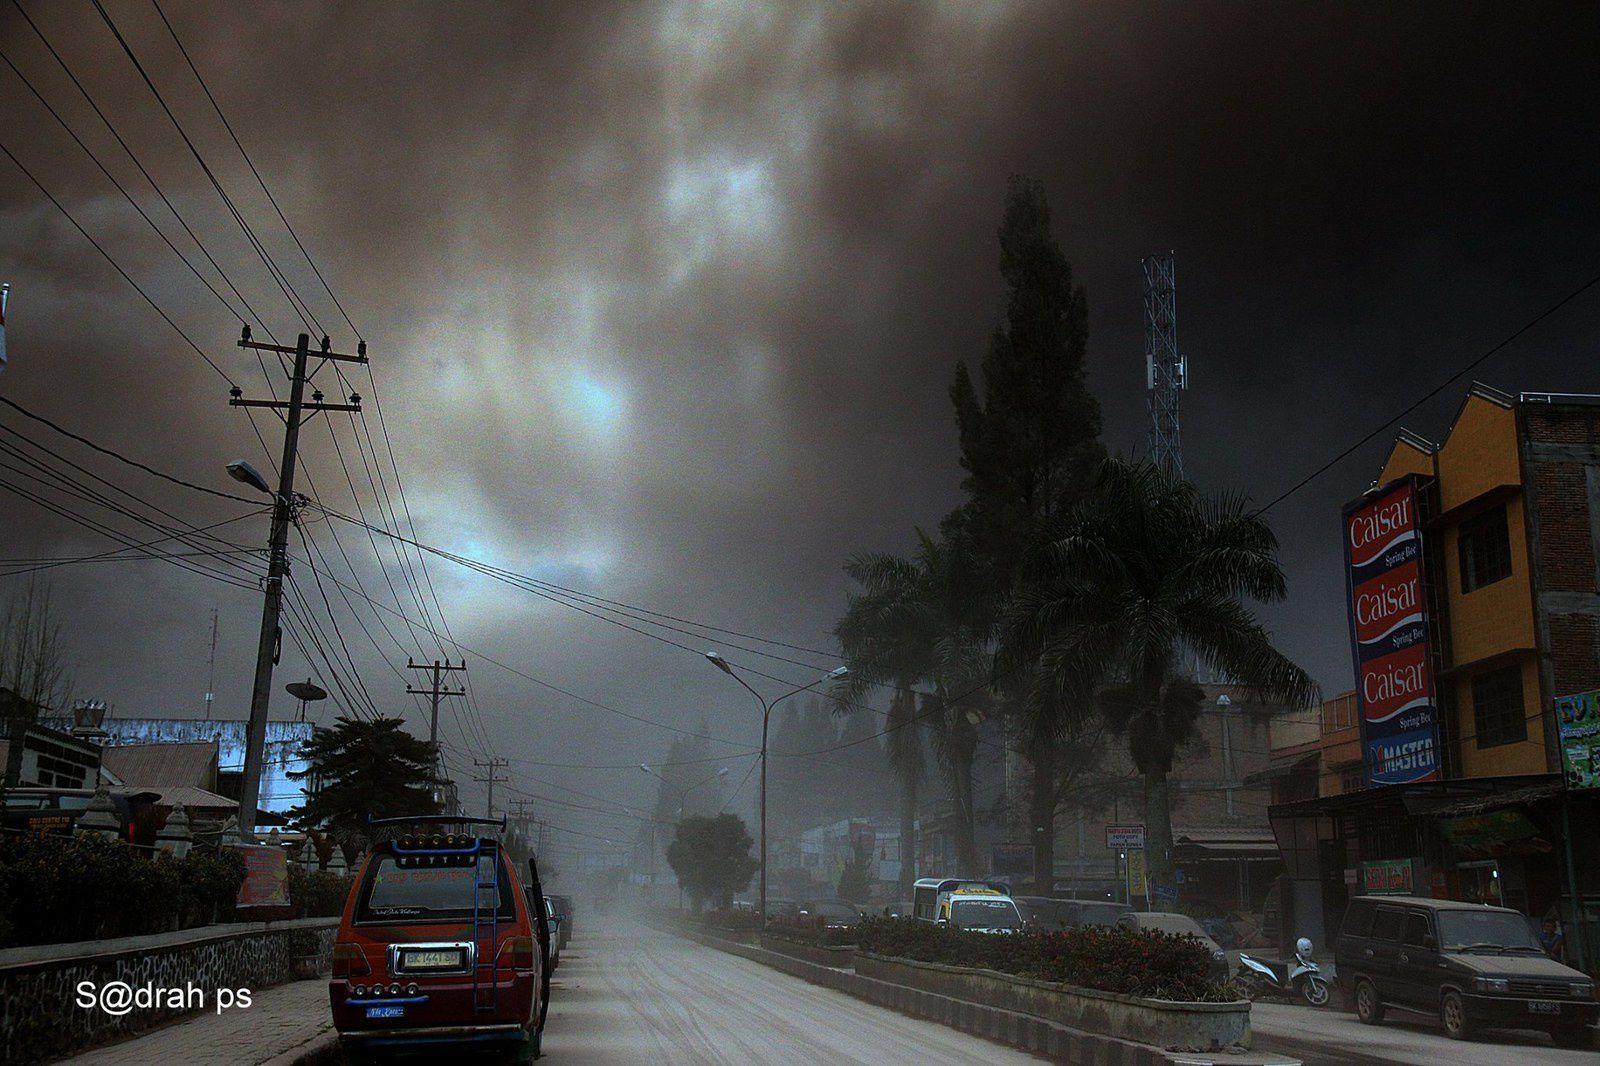 Chutes de cendres de l'éruption du Sinabung ce 15.09.2015 / 8h30 loc. - photo prise de Tugu, Kabanjahe - S@drah ps